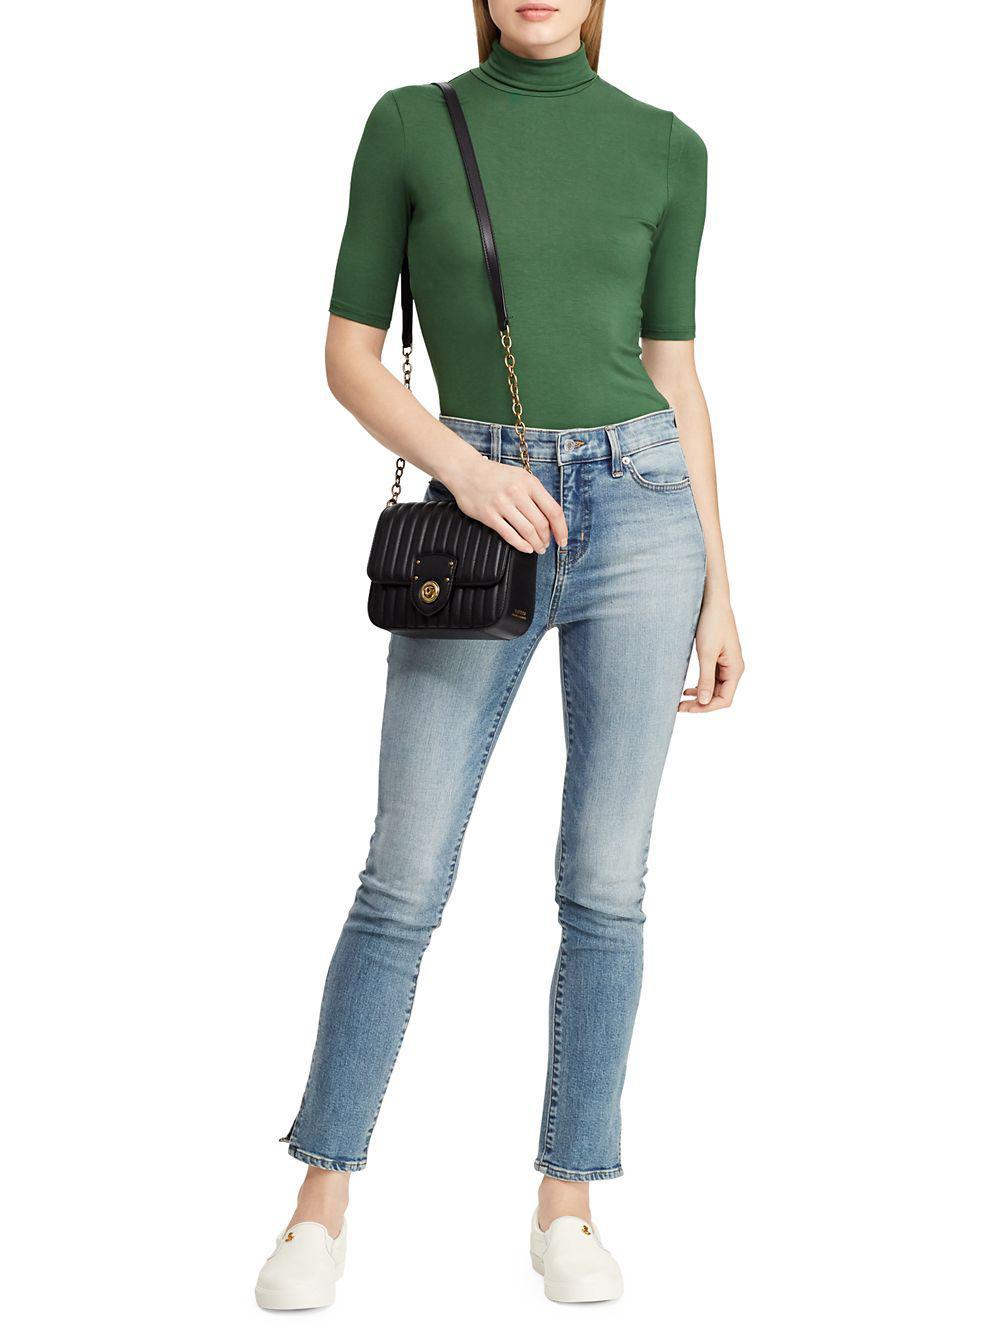 64feba80b0e16e Lauren by Ralph Lauren - Green Knit Turtleneck Top - Lyst. View fullscreen